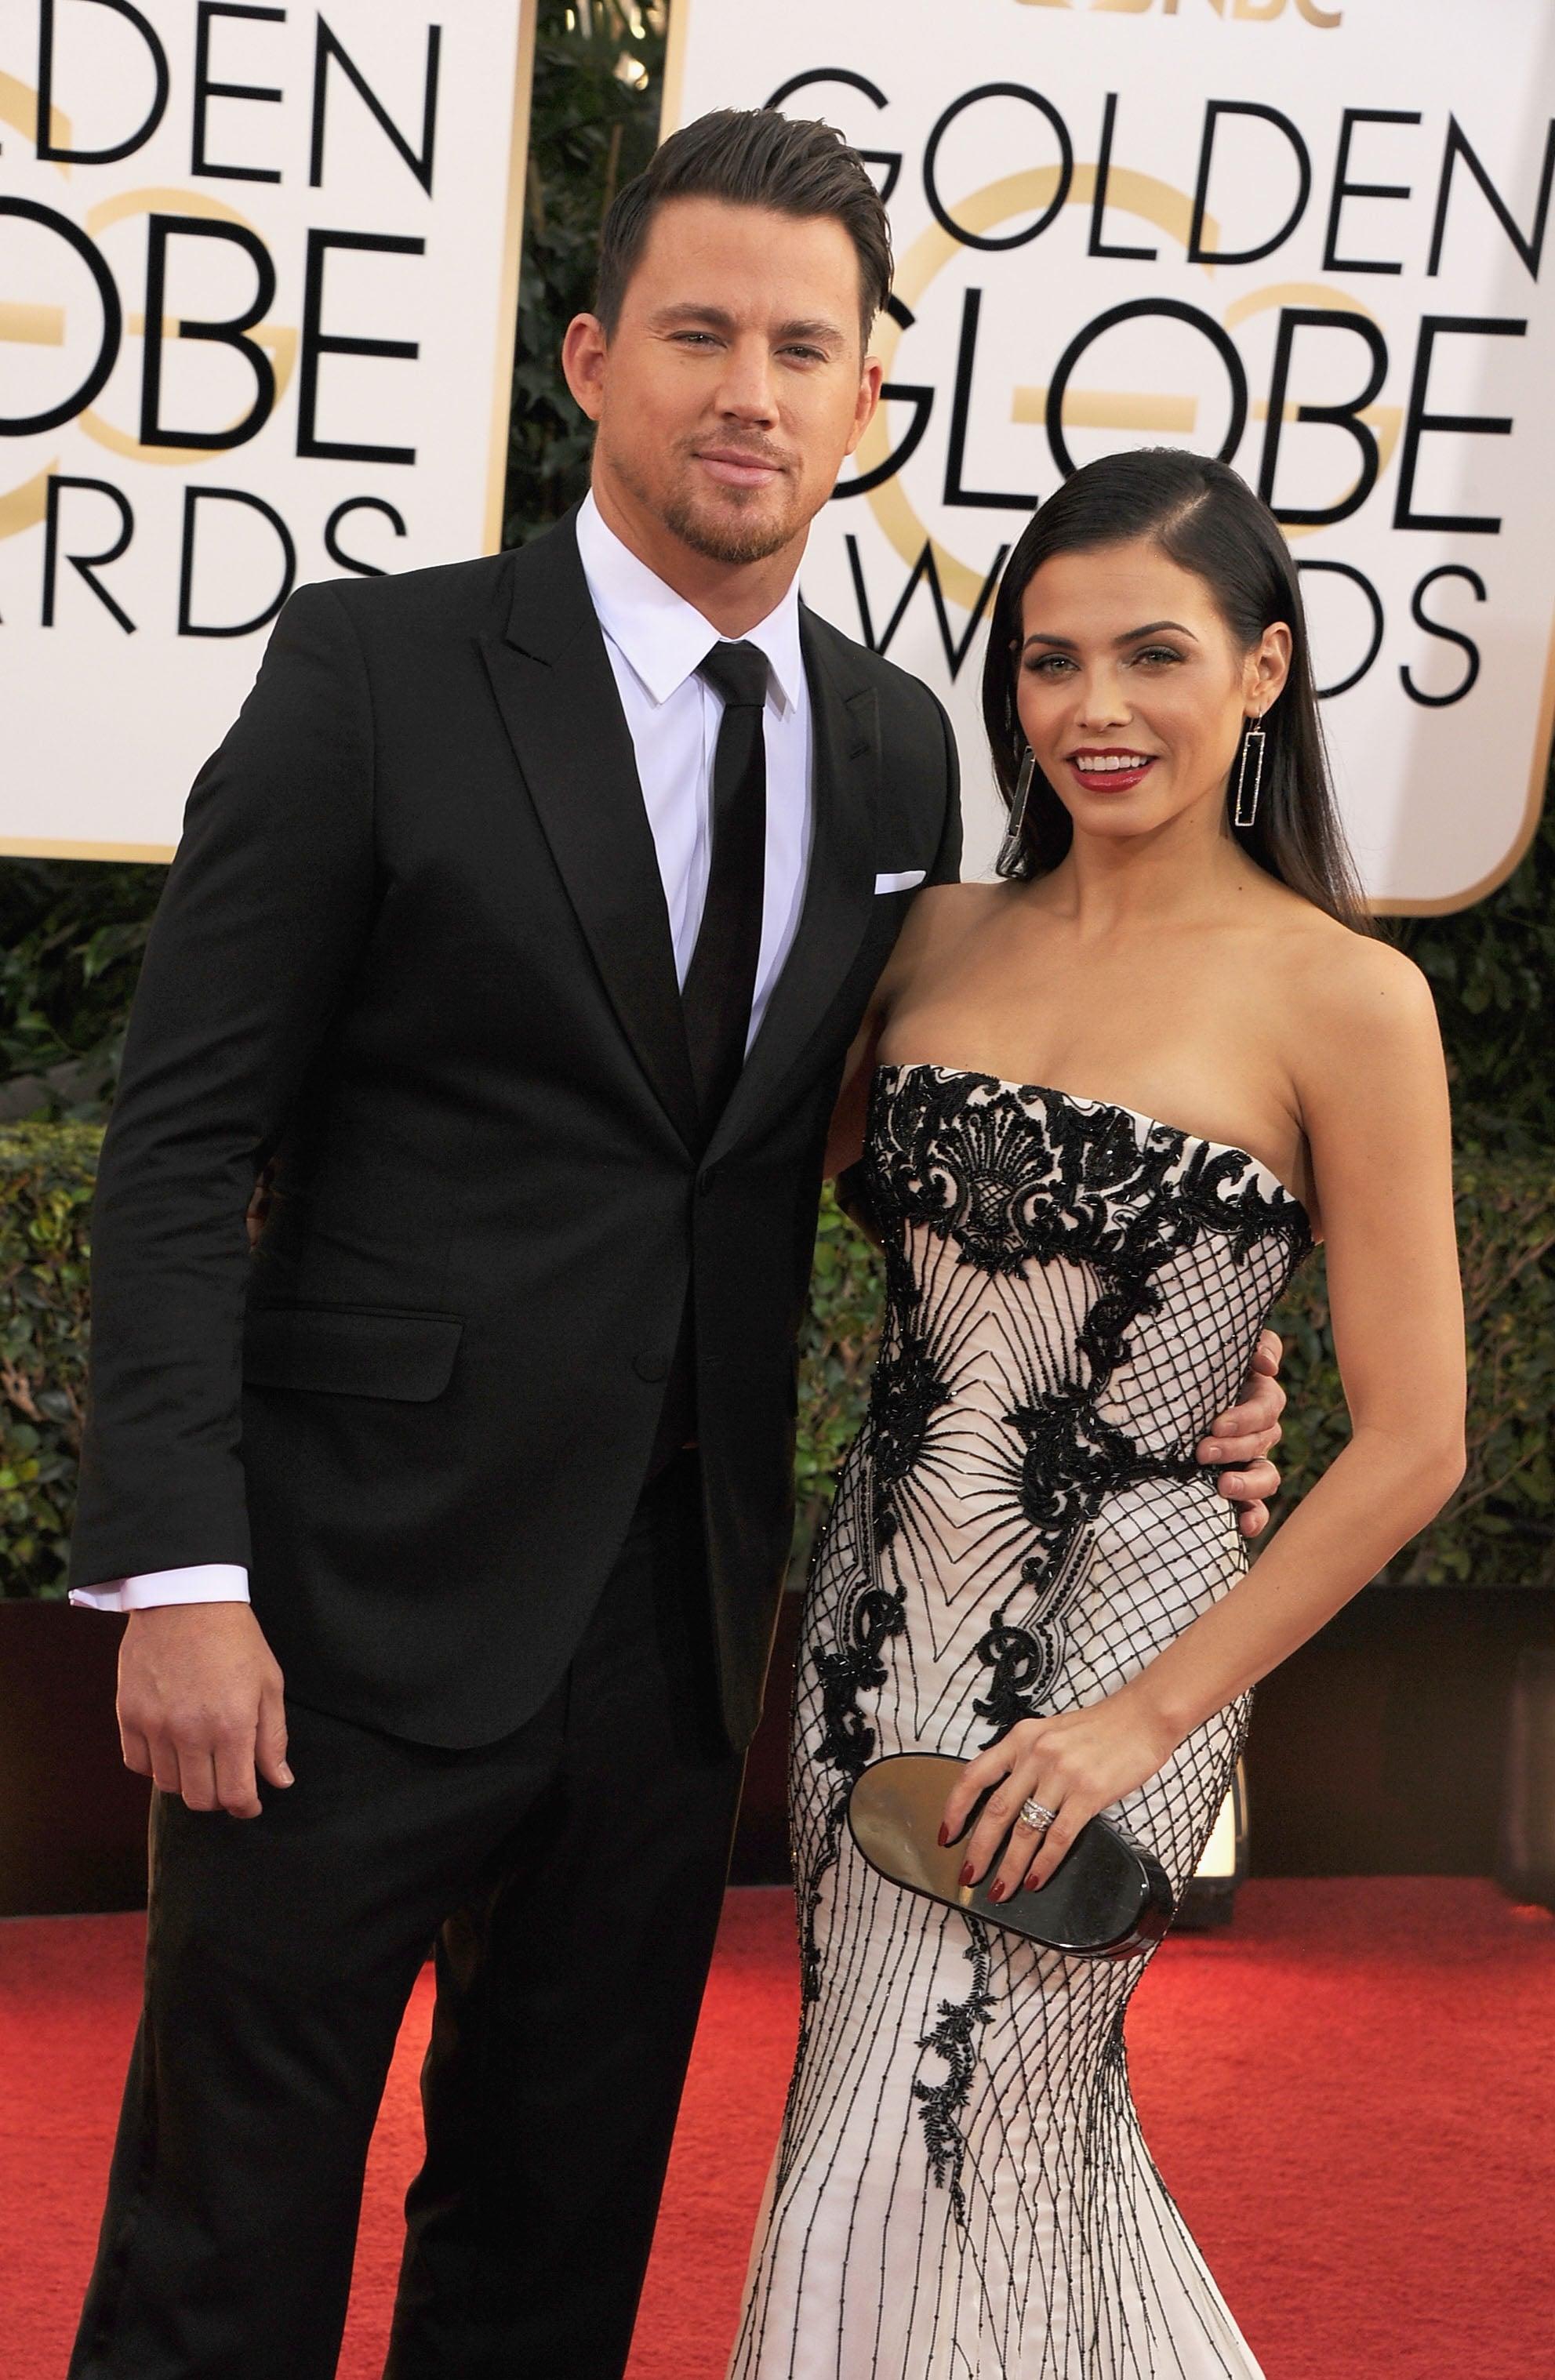 At the Golden Globes, Channing Tatum gave a handsome smirk alongside Jenna Dewan.